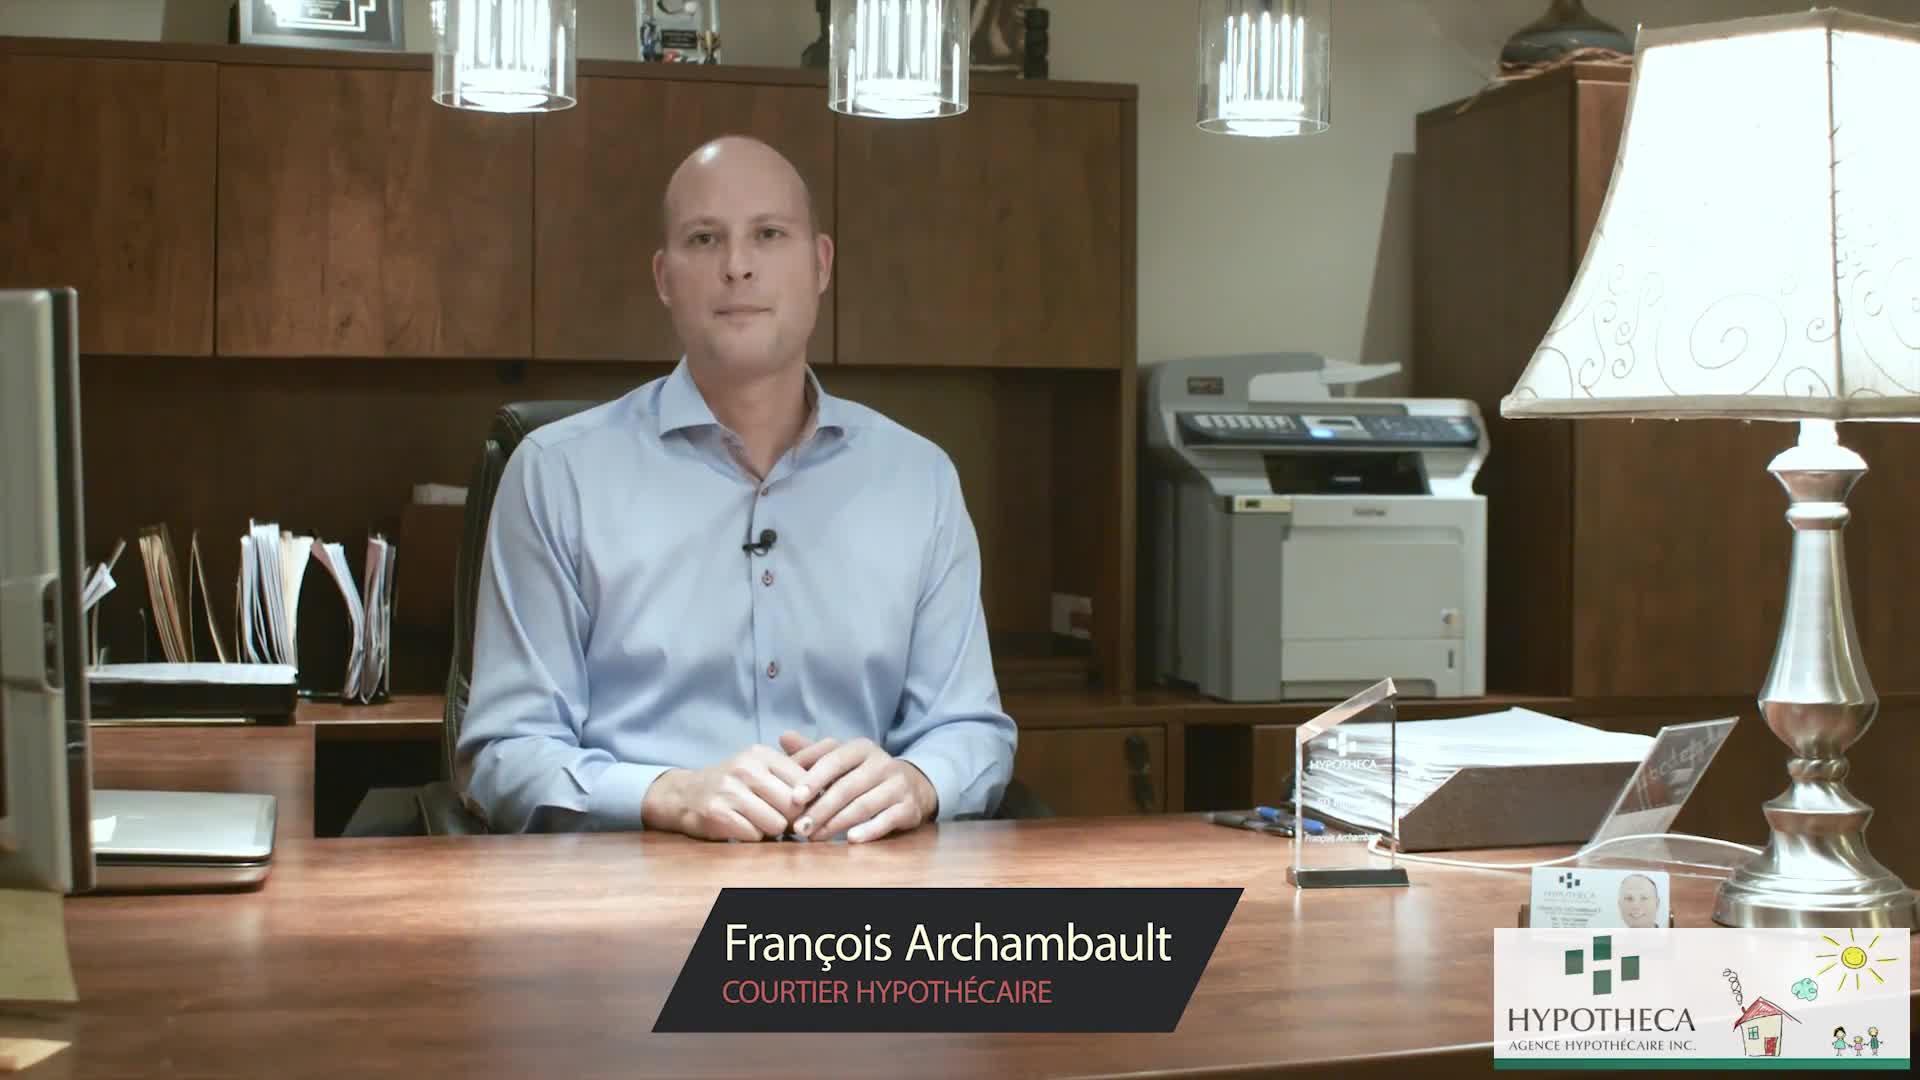 François Archambault - Hypotheca - Courtiers en hypothèque - 514-718-9454